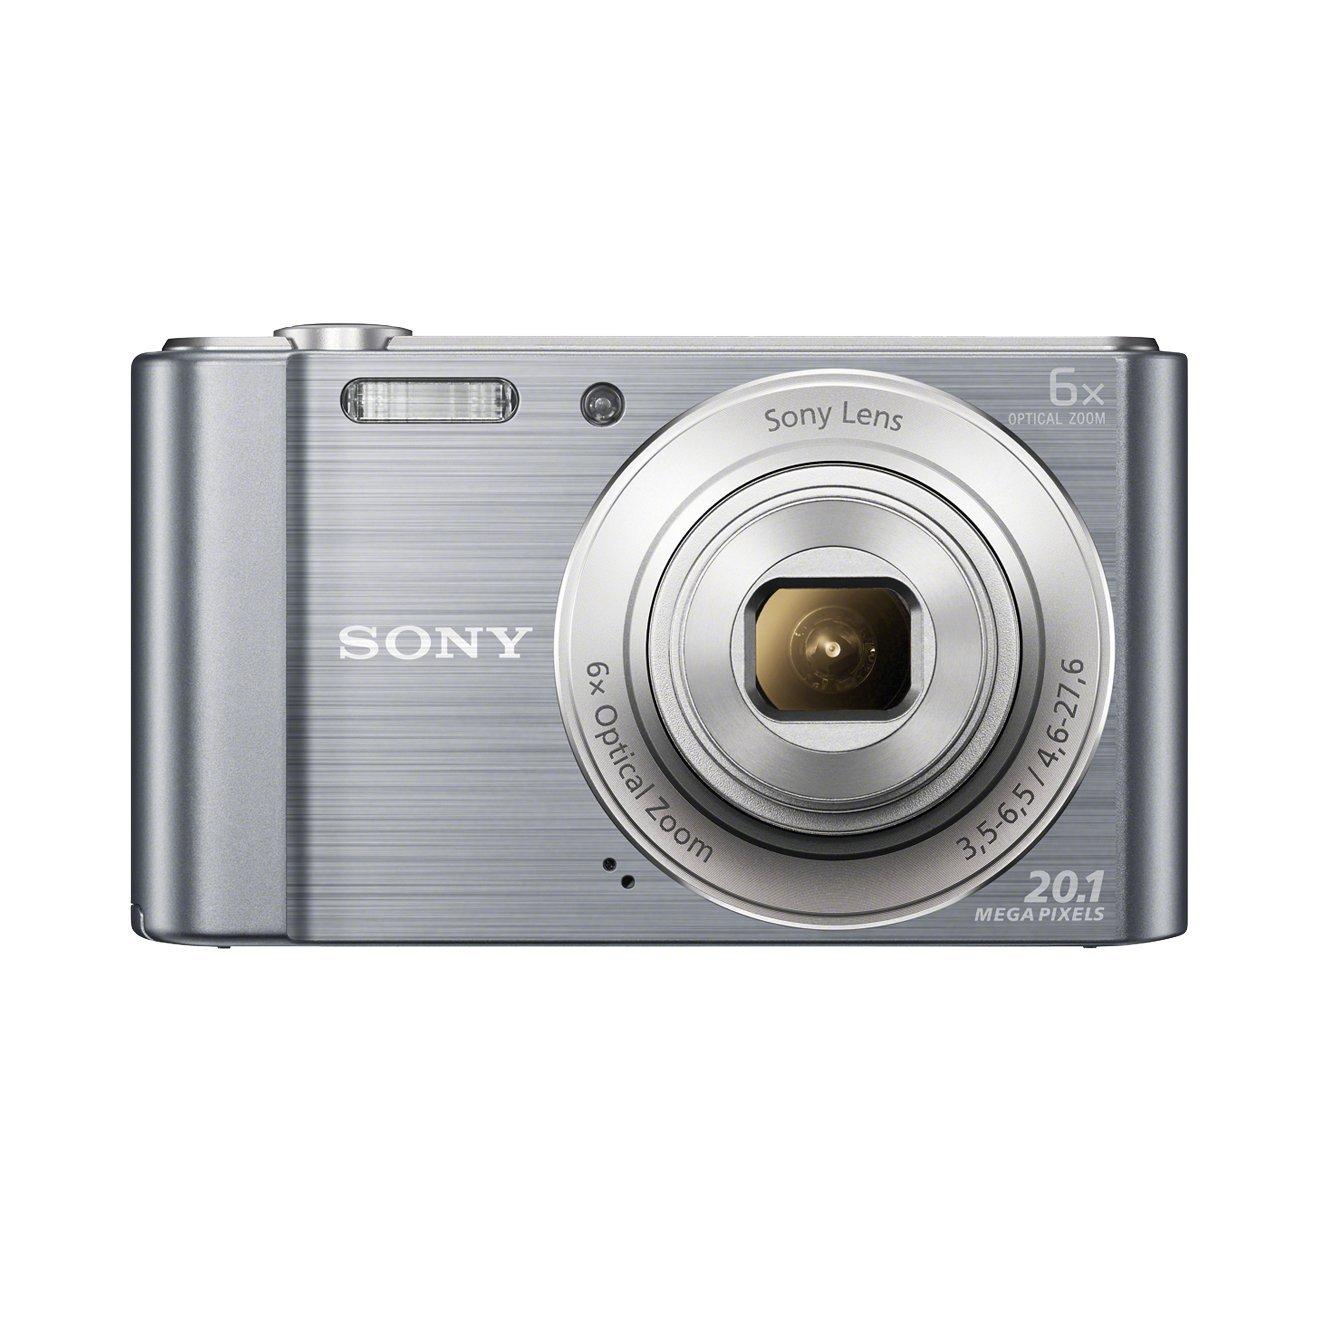 Sony DSC-W810 Camera Silver 20.1MP, 6x Zoom 2.7LCD